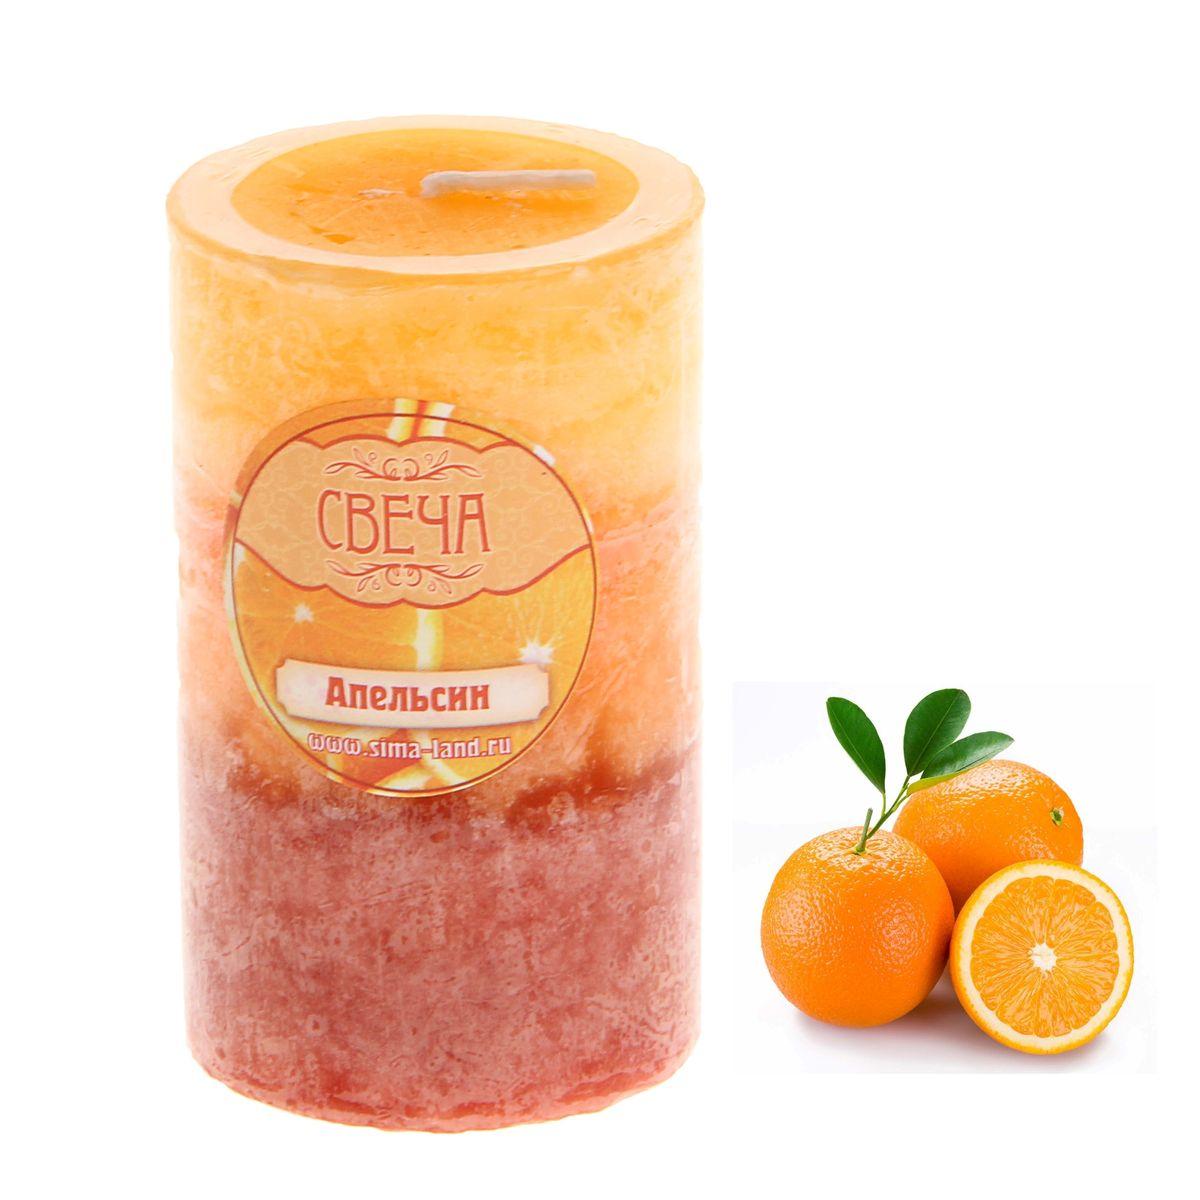 Свеча ароматизированная Sima-land Апельсин, цвет: оранжевый, рыжий, высота 7,5 смES-412Свеча Sima-land Апельсин выполнена из воска в виде столбика. Свеча наполнит дом сочным ароматом апельсина, который понравится как женщинам, так и мужчинам. Создайте для себя и своих близких не забываемую атмосферу праздника. Ароматическая свеча Sima-land Апельсин раскрасит серые будни яркими красками.